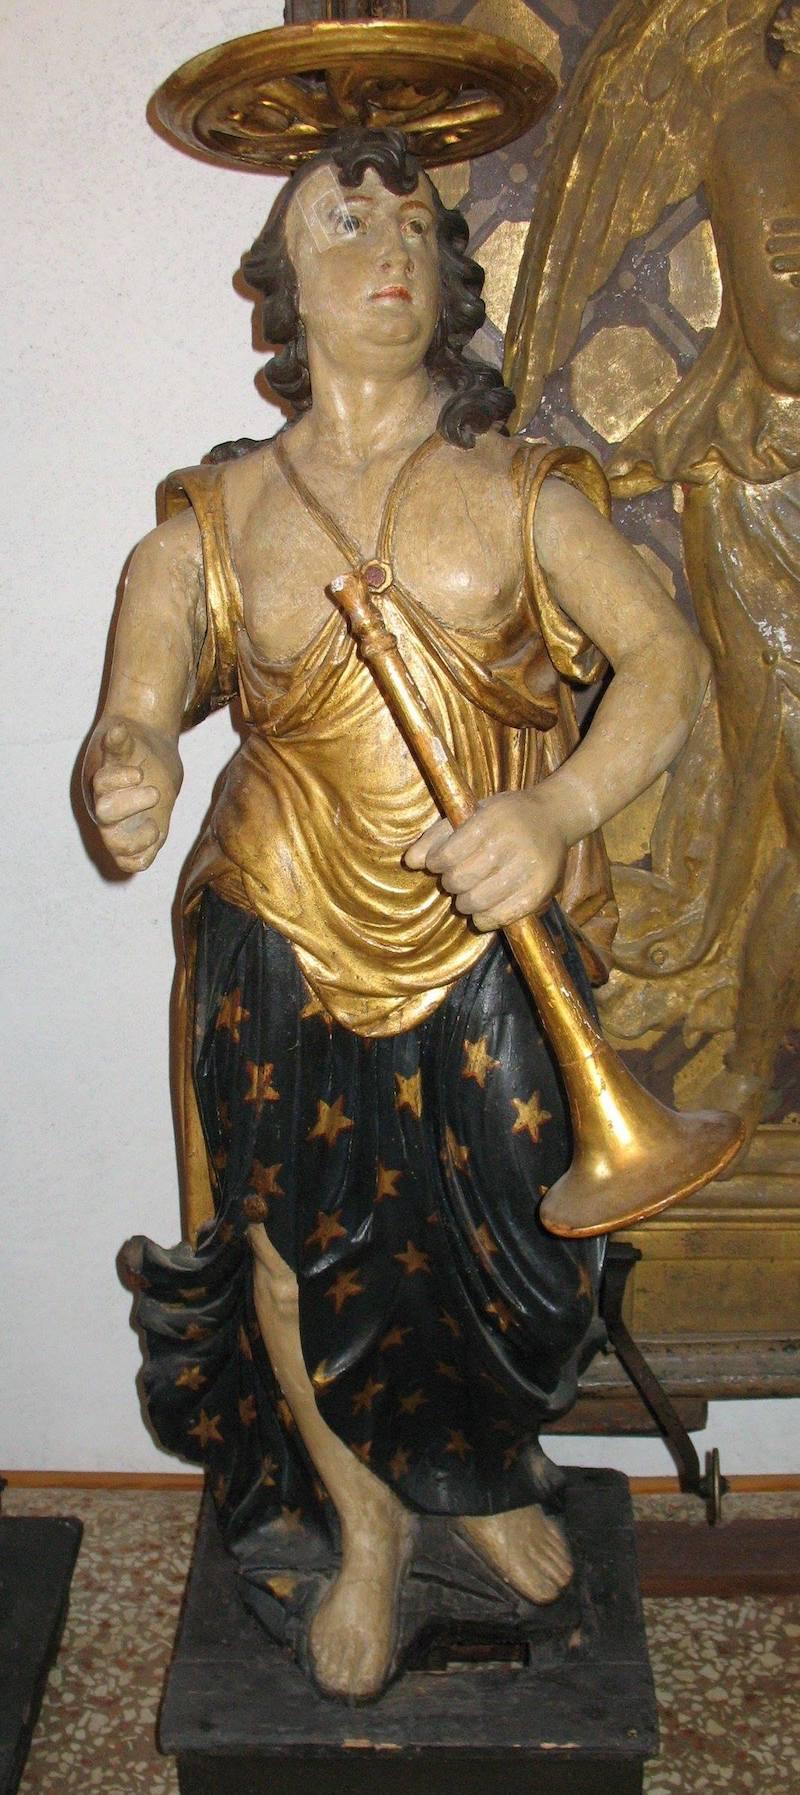 Venezia – Oggi i Re magi escono dalla Torre dell'Orologiodi Piazza San Marco per sfilare davanti alla Madonna col Bambino